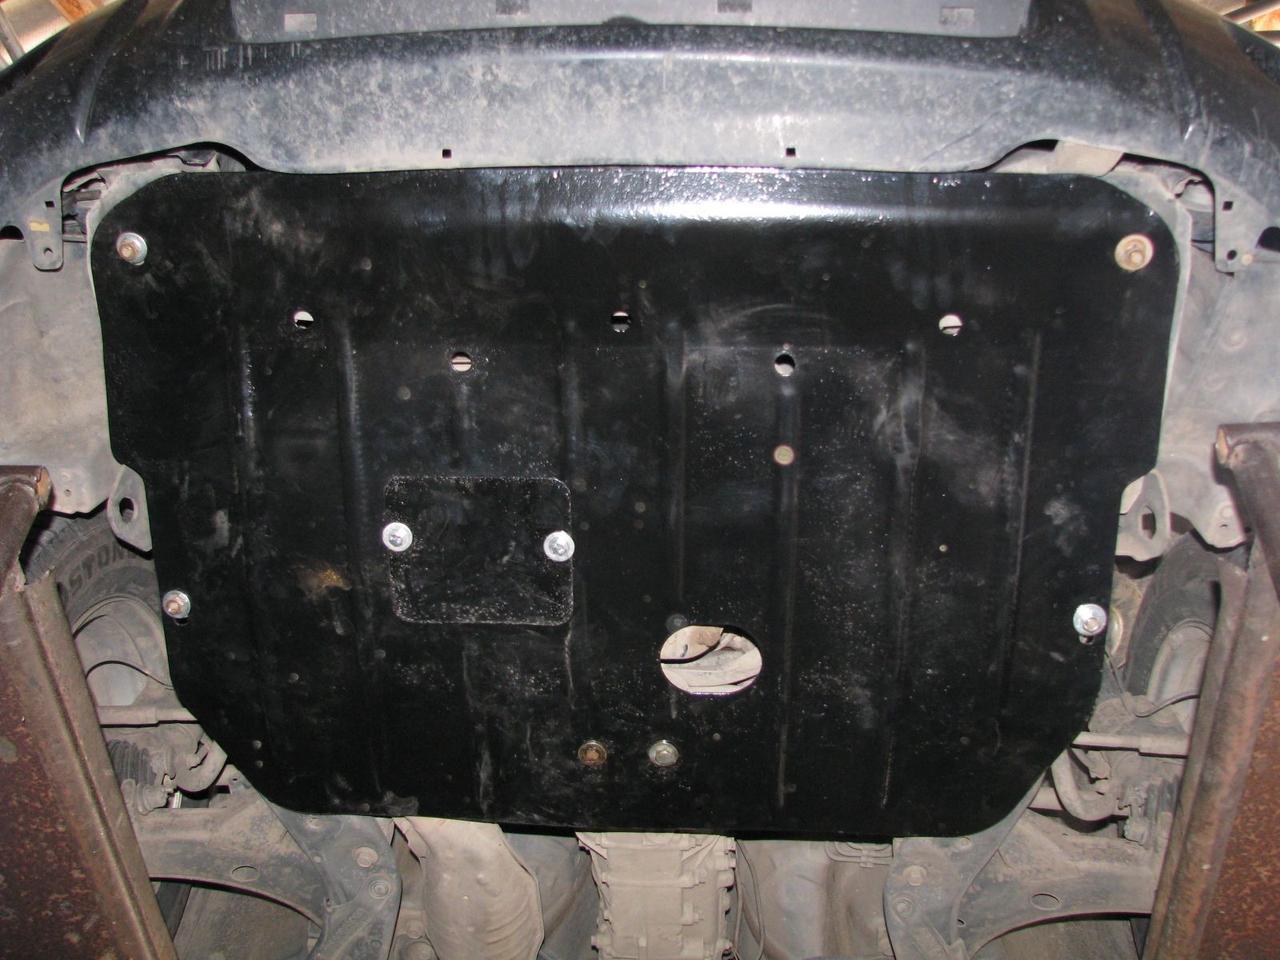 Защита двигателя  Subaru Legacy IV (2004-2009)  V-2.0; 2.5 (двигатель, КПП, радиатор)